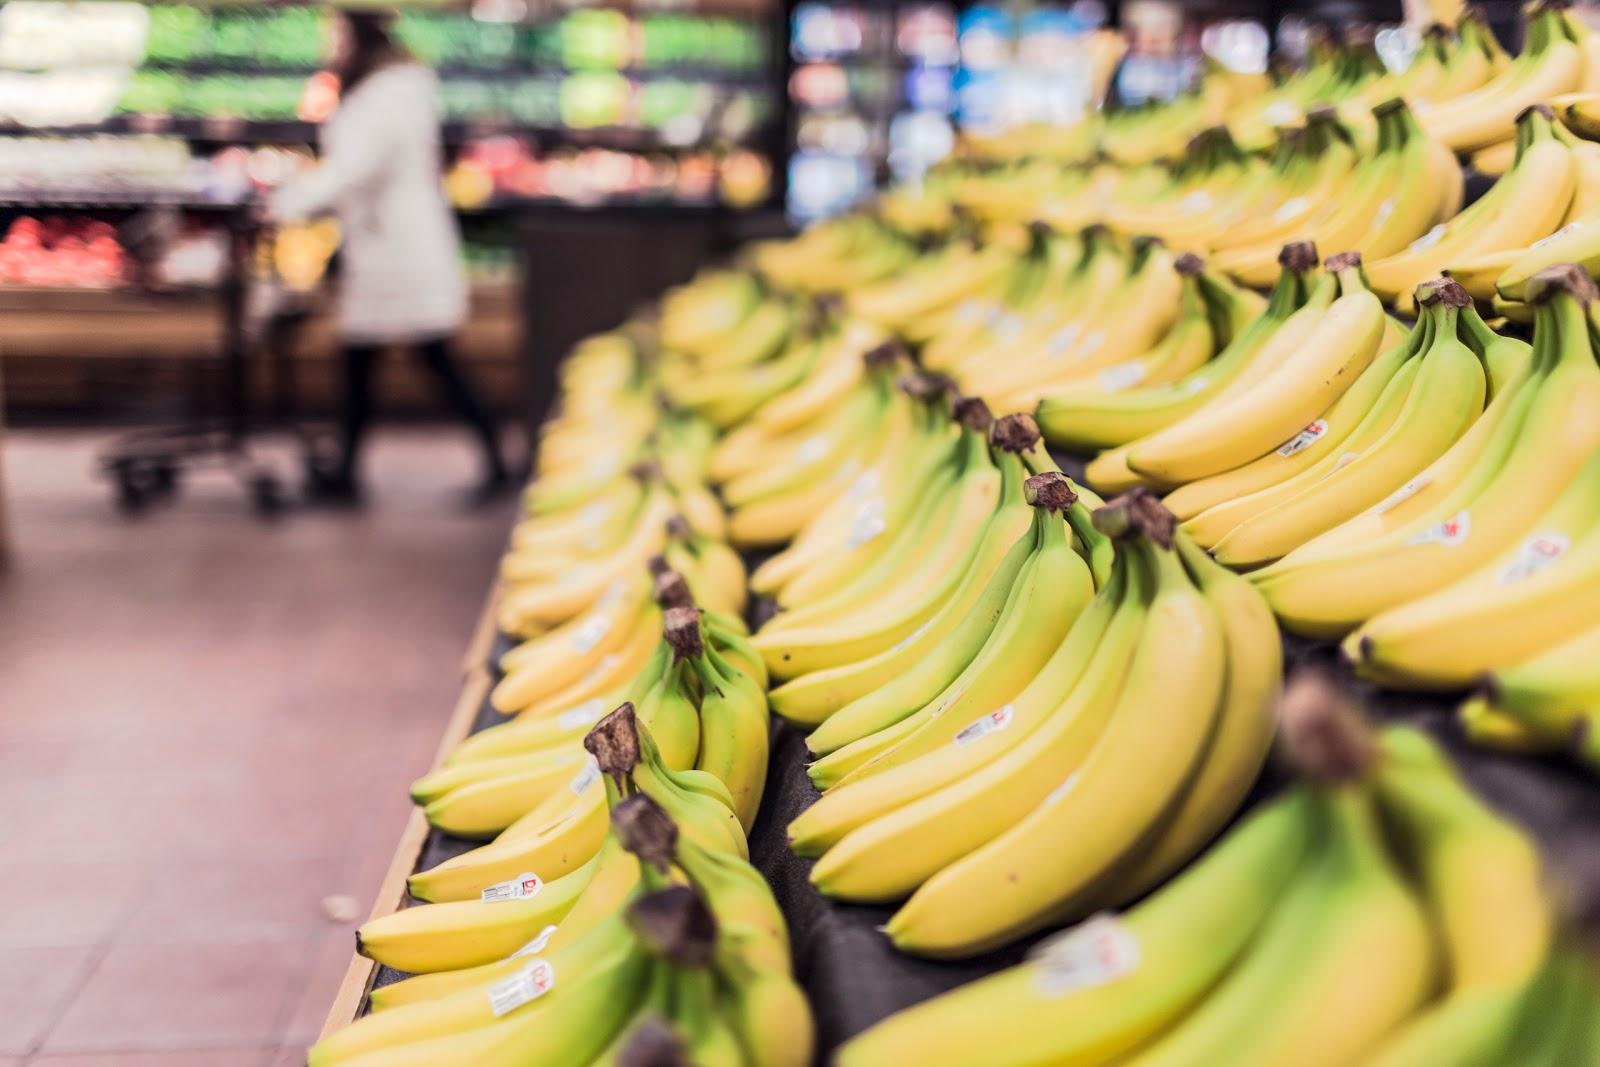 Sparen beim Einkaufen von Lebensmitteln | Spartipps | Geld sparen | Tipps fürs Sparen | Sparen im Alltag